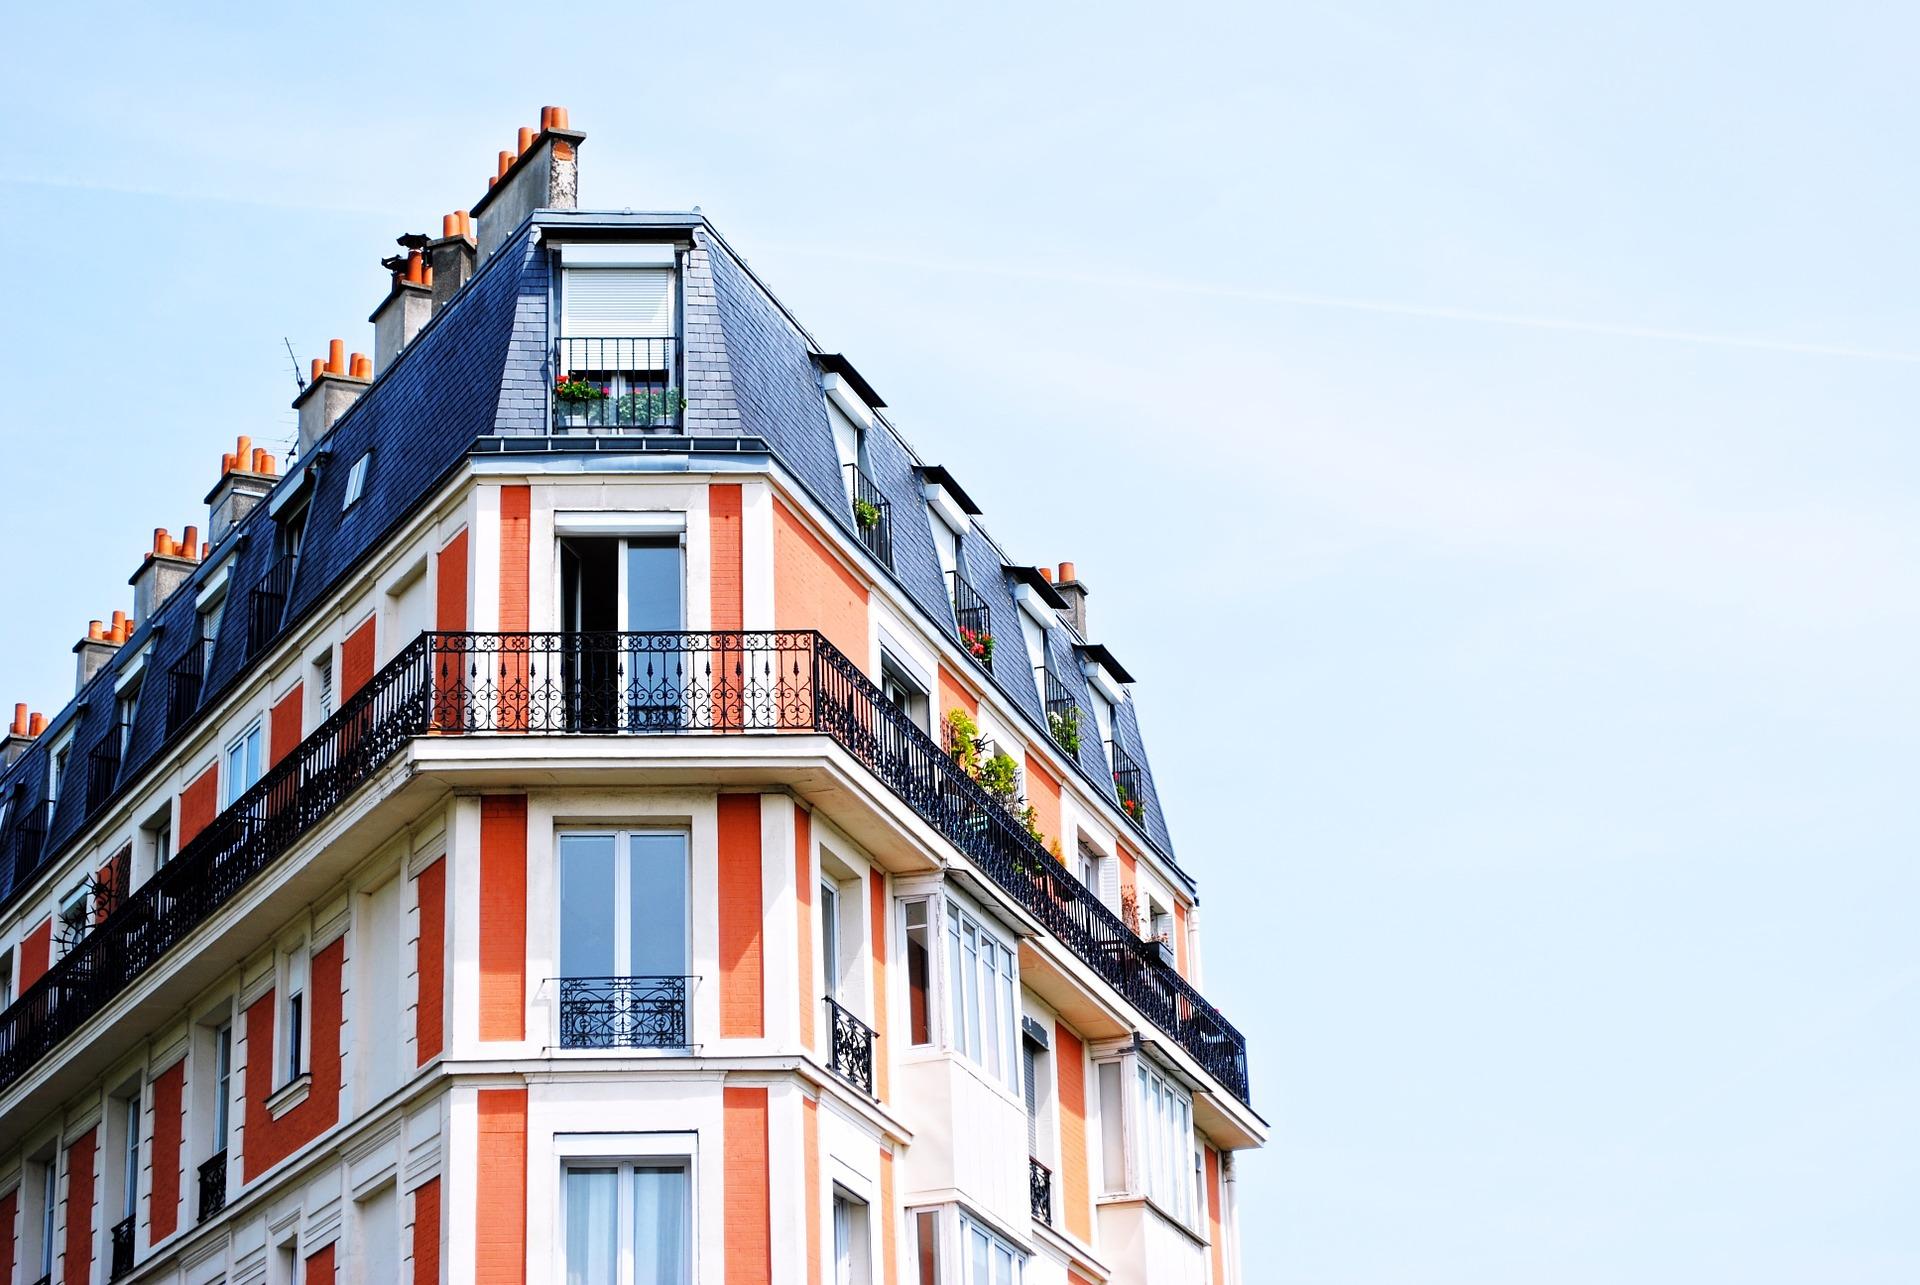 8 goede redenen om het beheer van het gebouw toe te vertrouwen aan de mede-eigenaars zelf